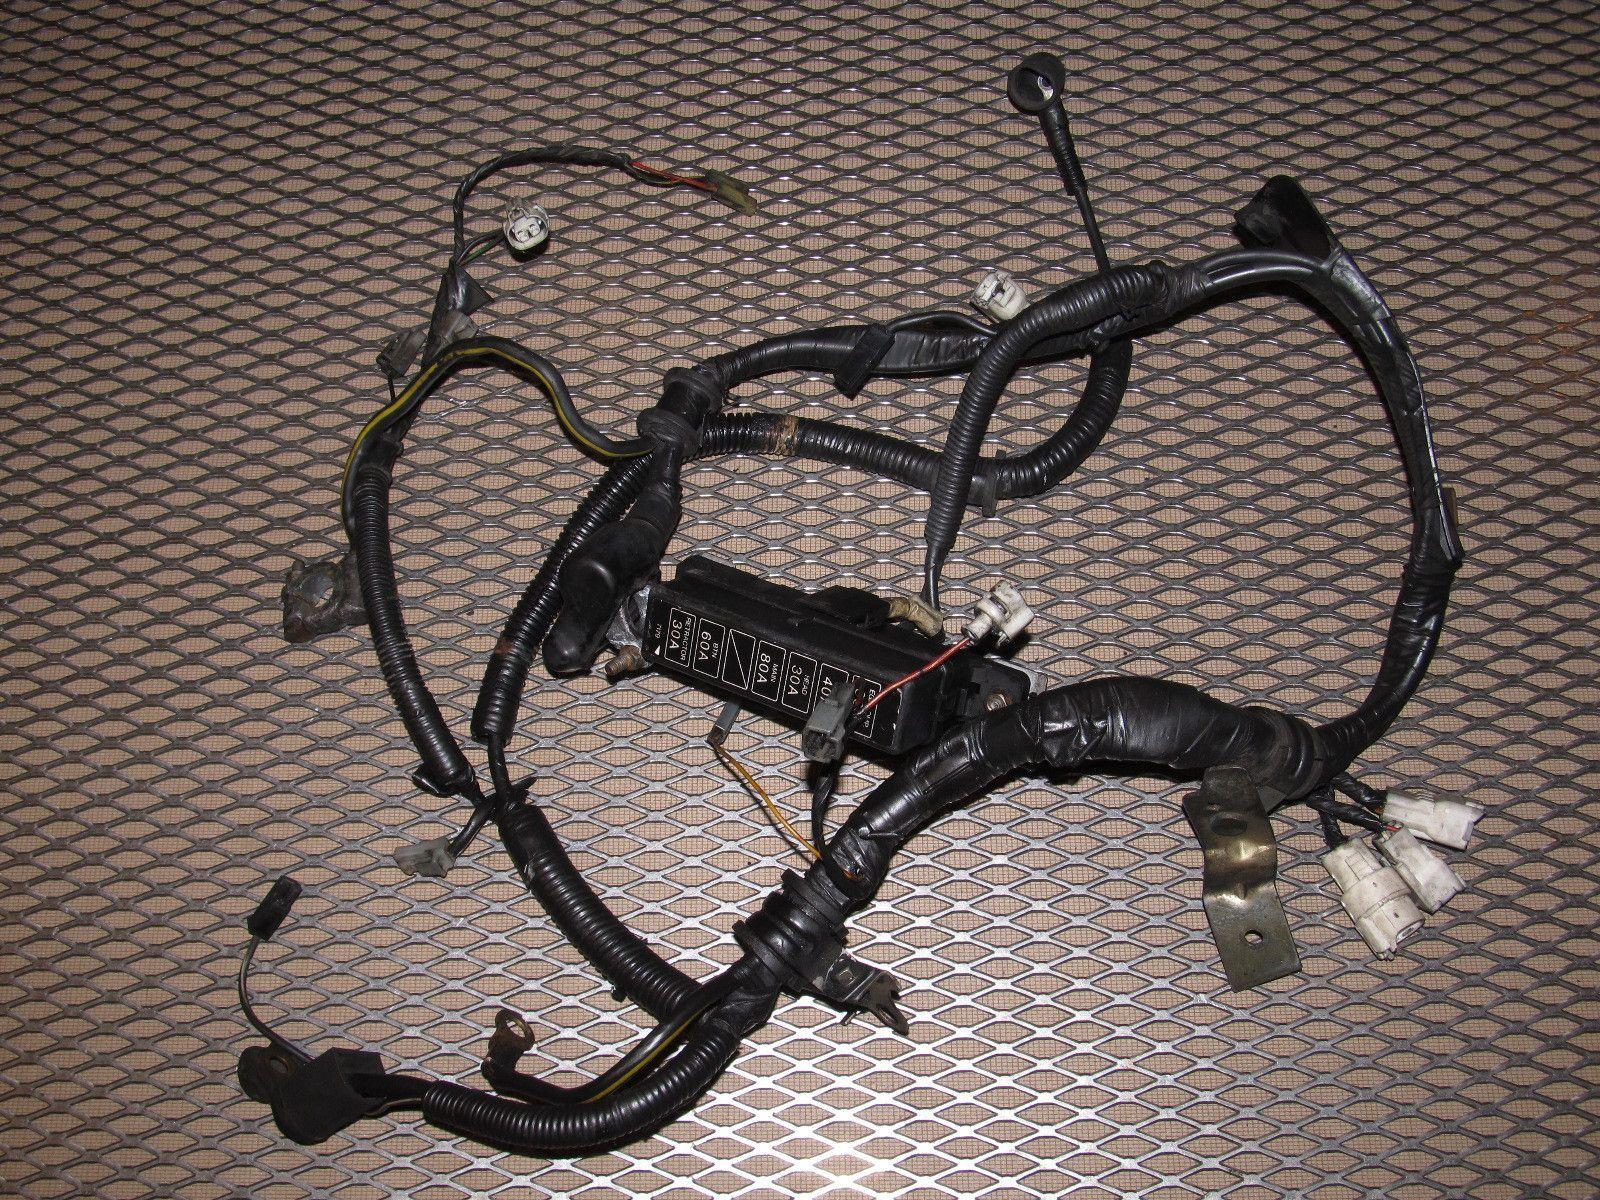 86 87 88 mazda rx7 oem m t transmission wiring harness [ 1600 x 1200 Pixel ]